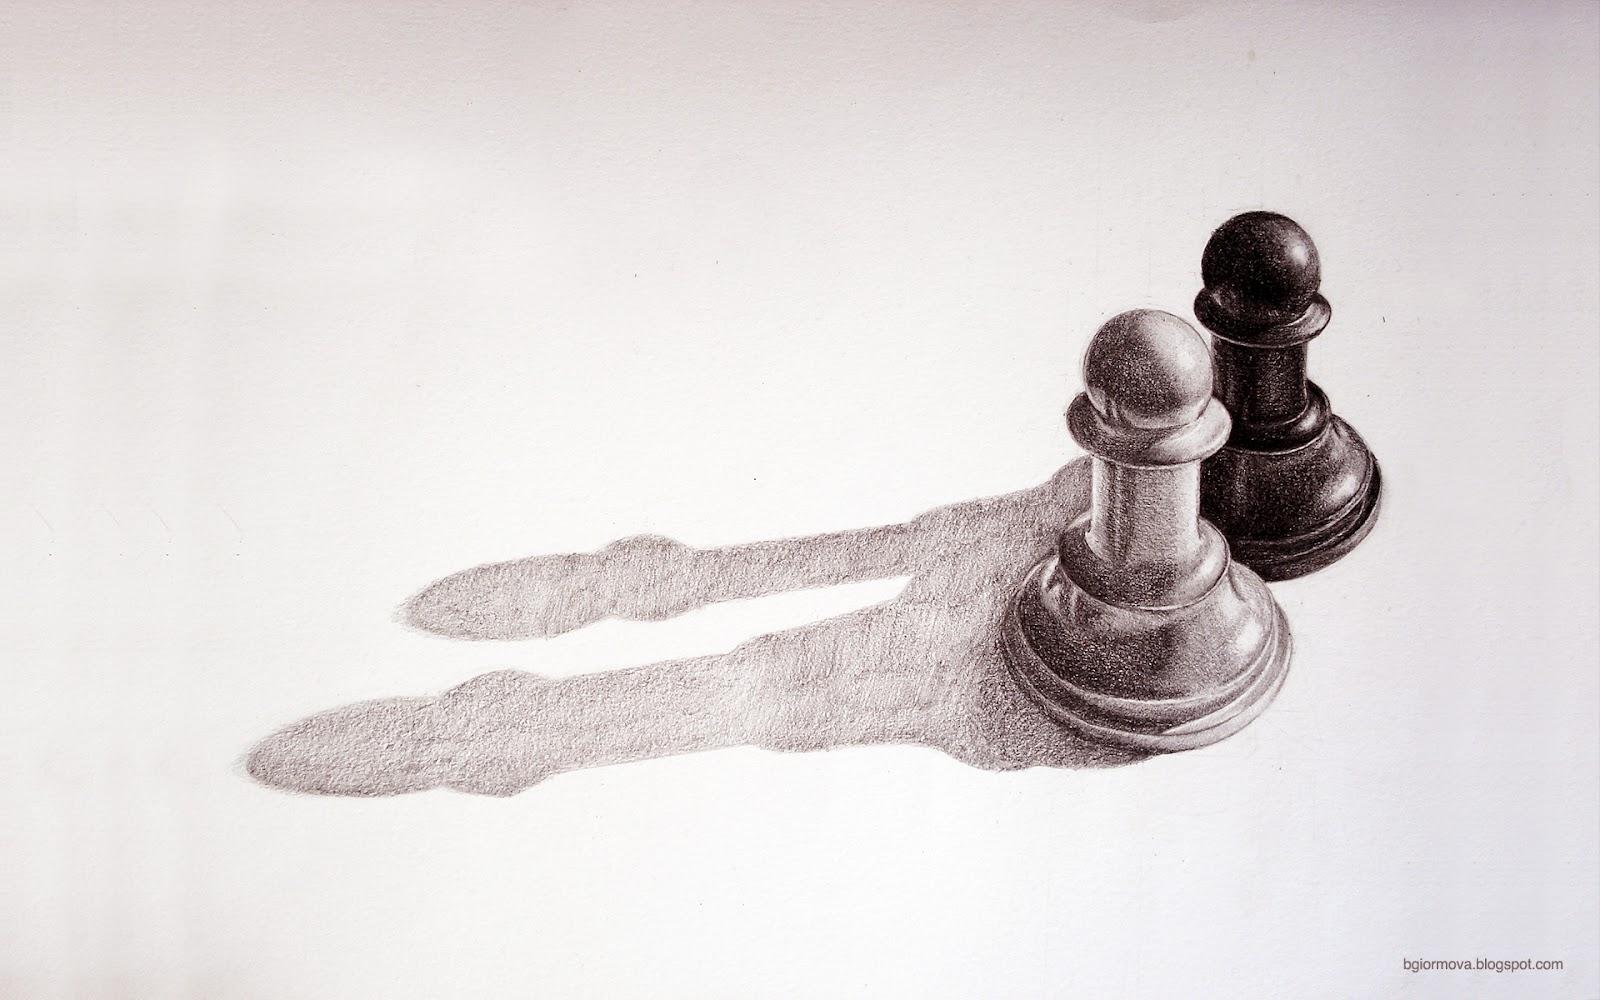 picco blogg: Drawn Wallpaper Download